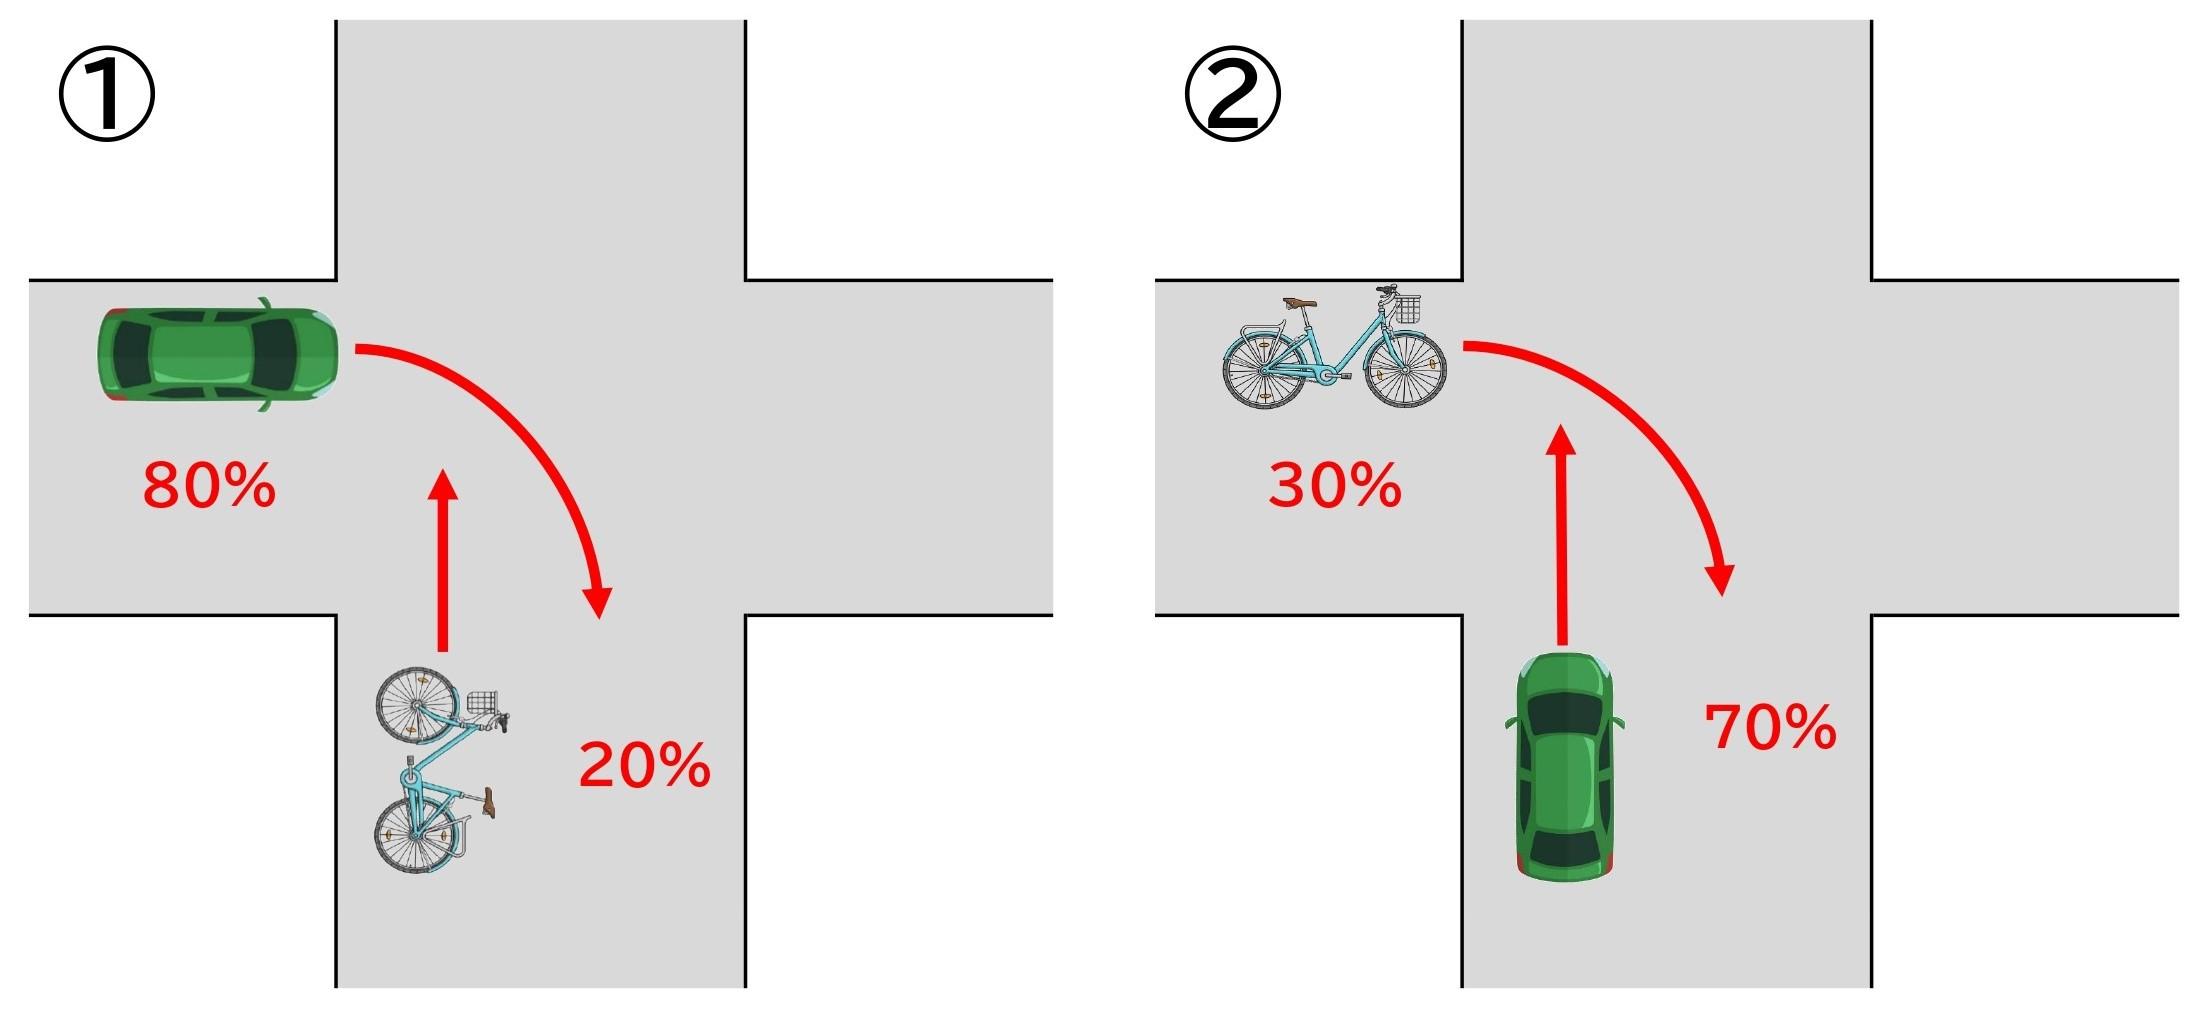 【図】自転車と車/交差点/右折と直進/交差方向/信号なし/道幅同じ